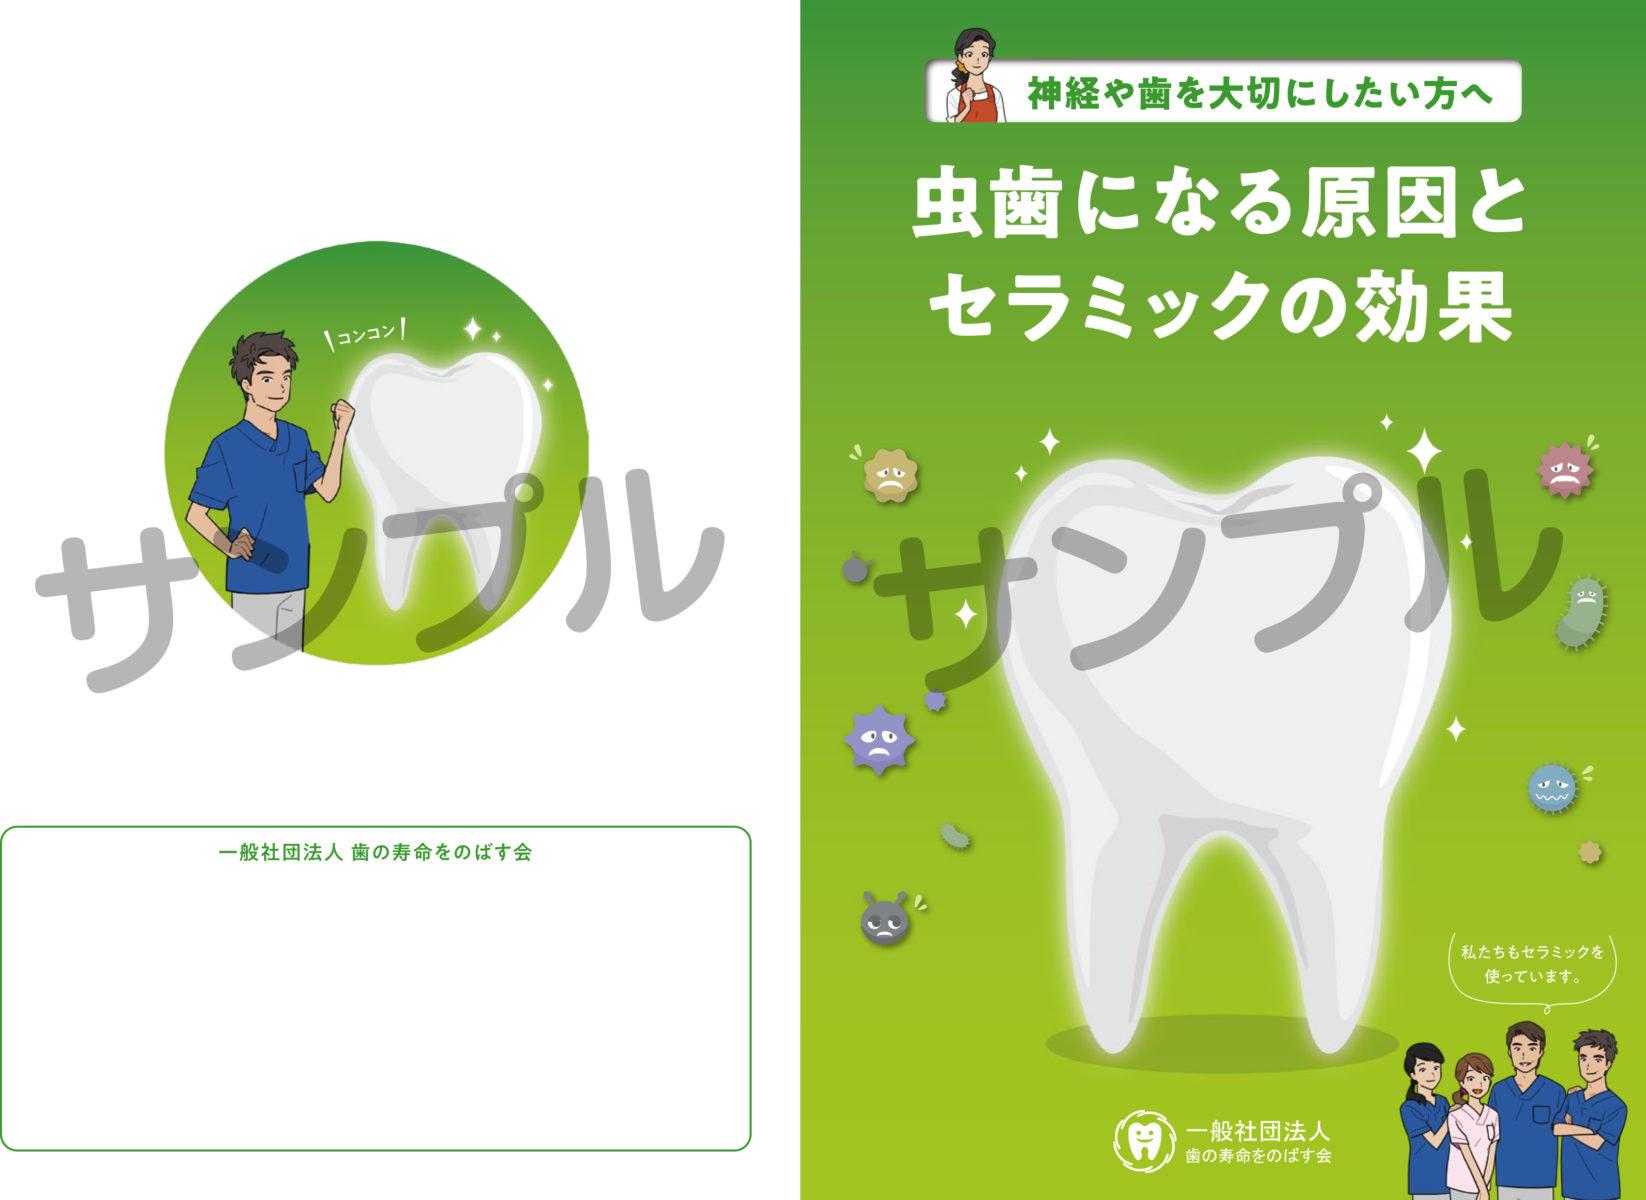 虫歯になる原因とセラミックの効果サンプル画像1